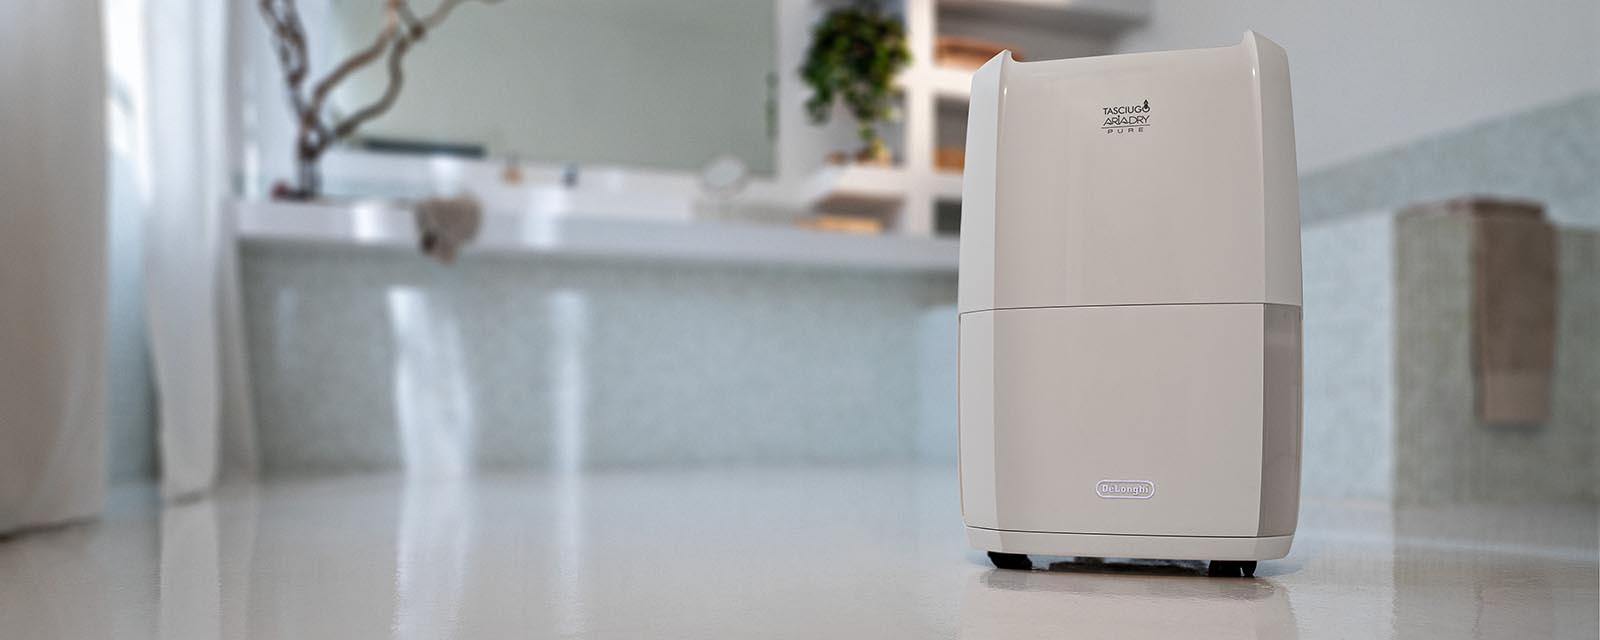 DeLonghi Tasciugo AriaDry Pure 2-in-1 Dehumidifier & Air Purifier in a bathroom.